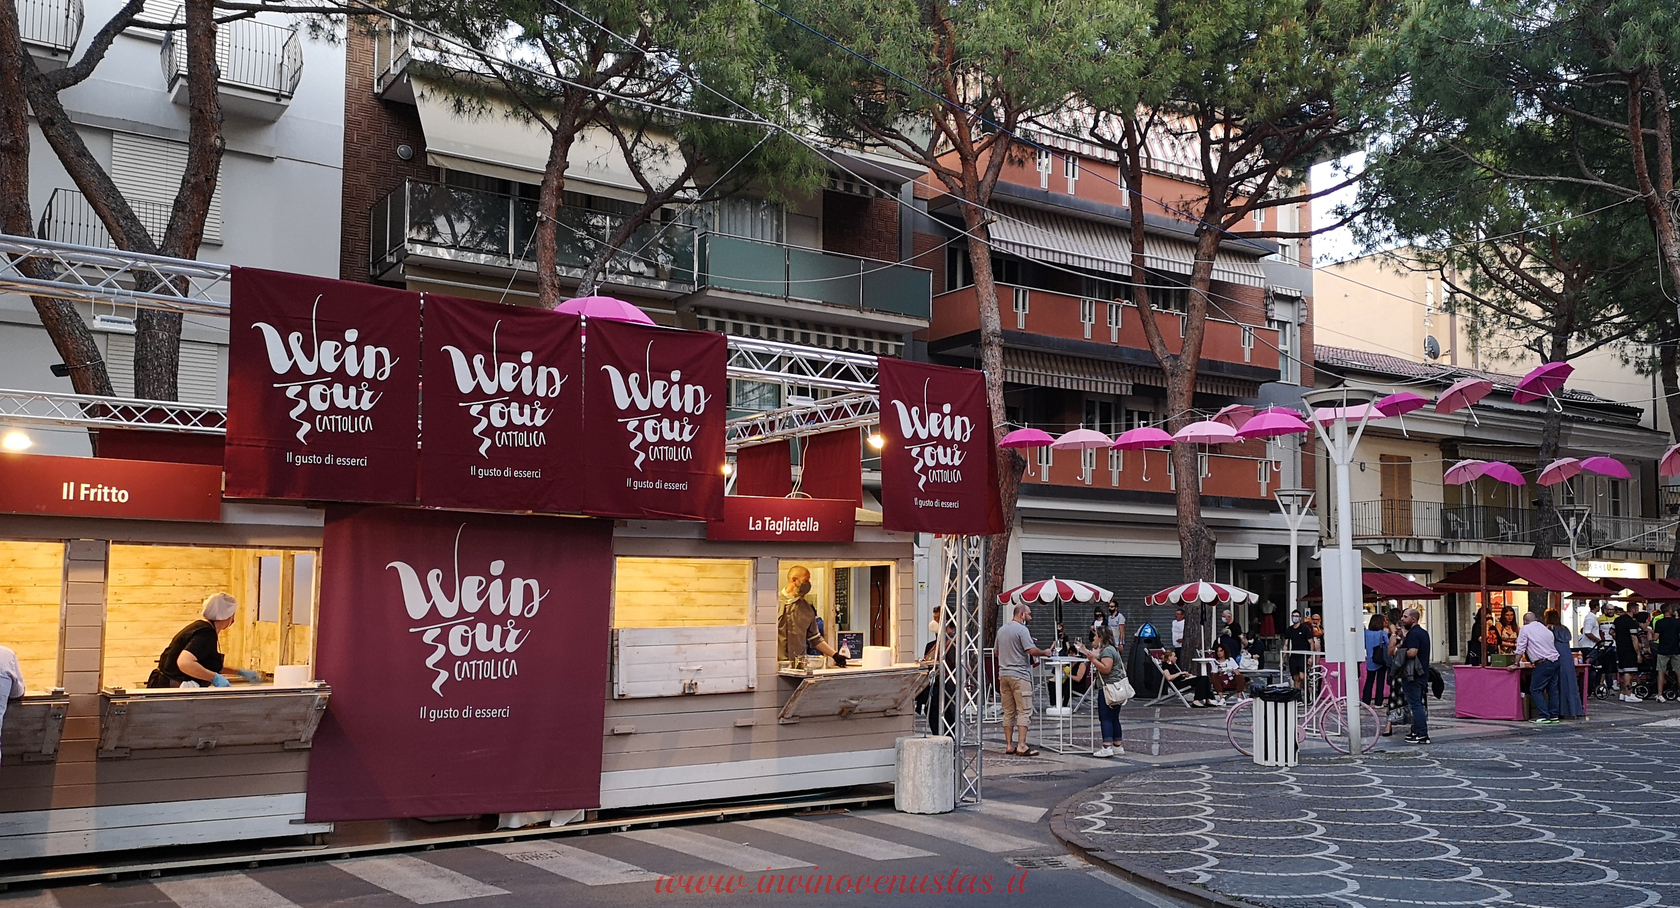 Wein Tour 2021 Cattolica